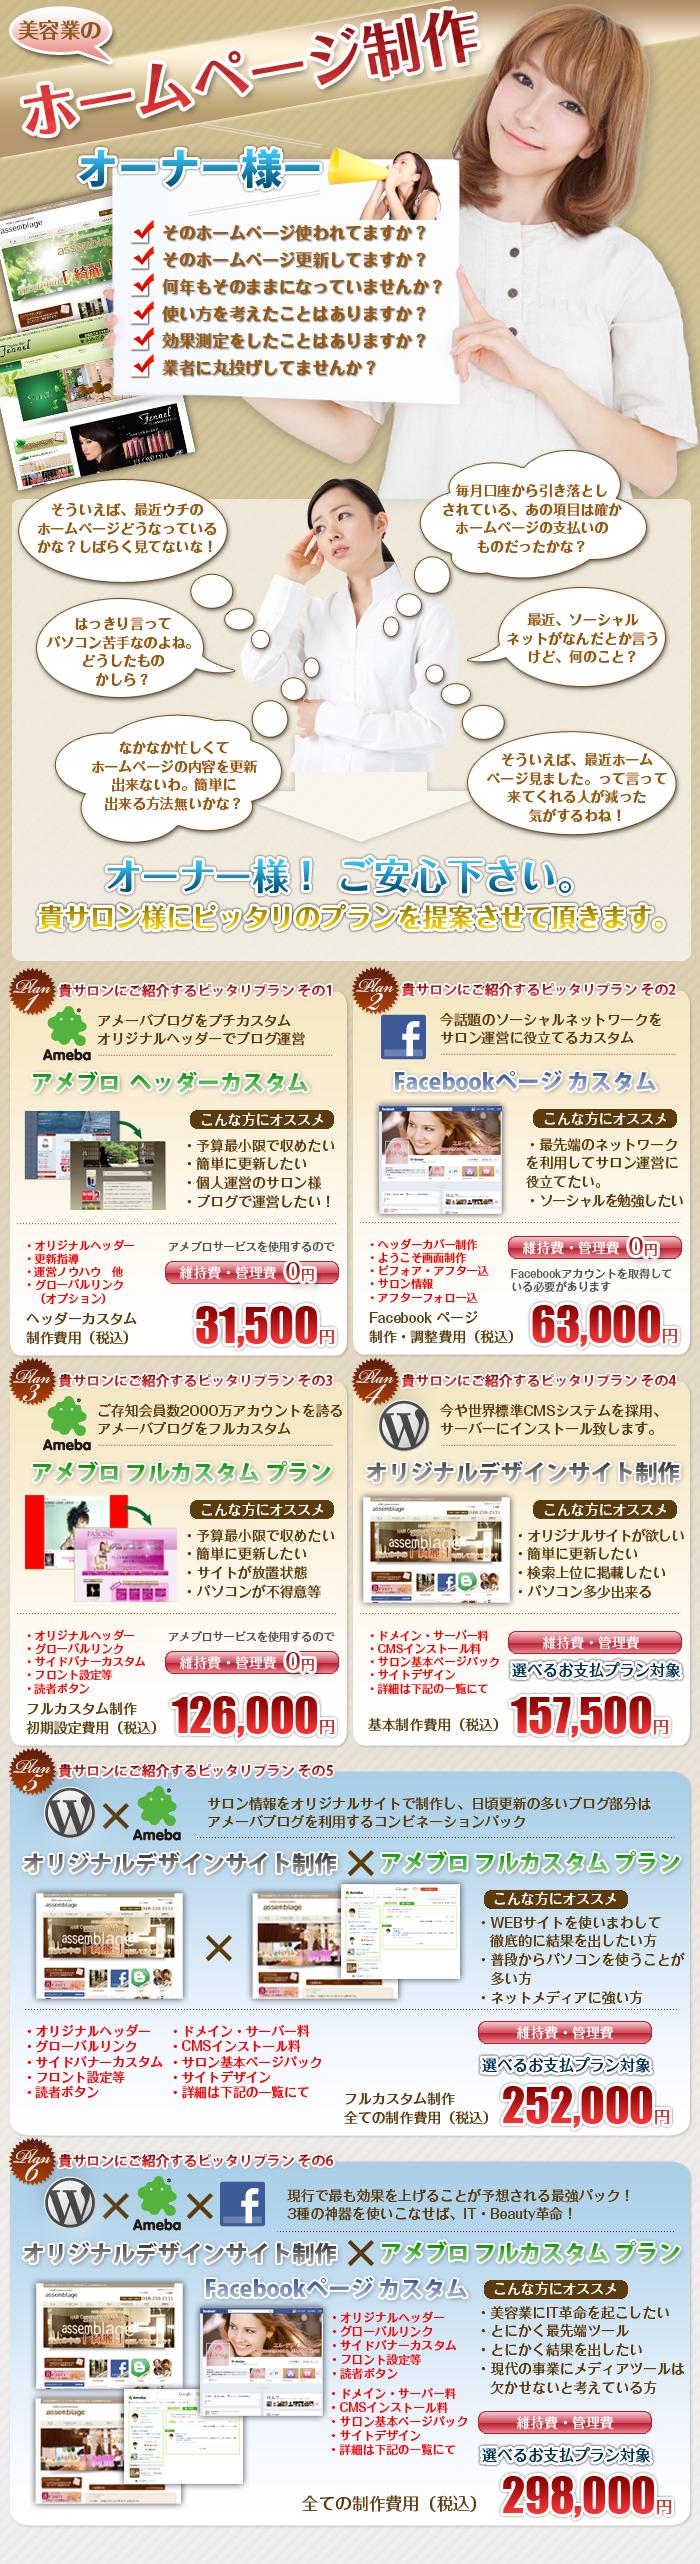 美容広告 エルデザイン ホームページ製作